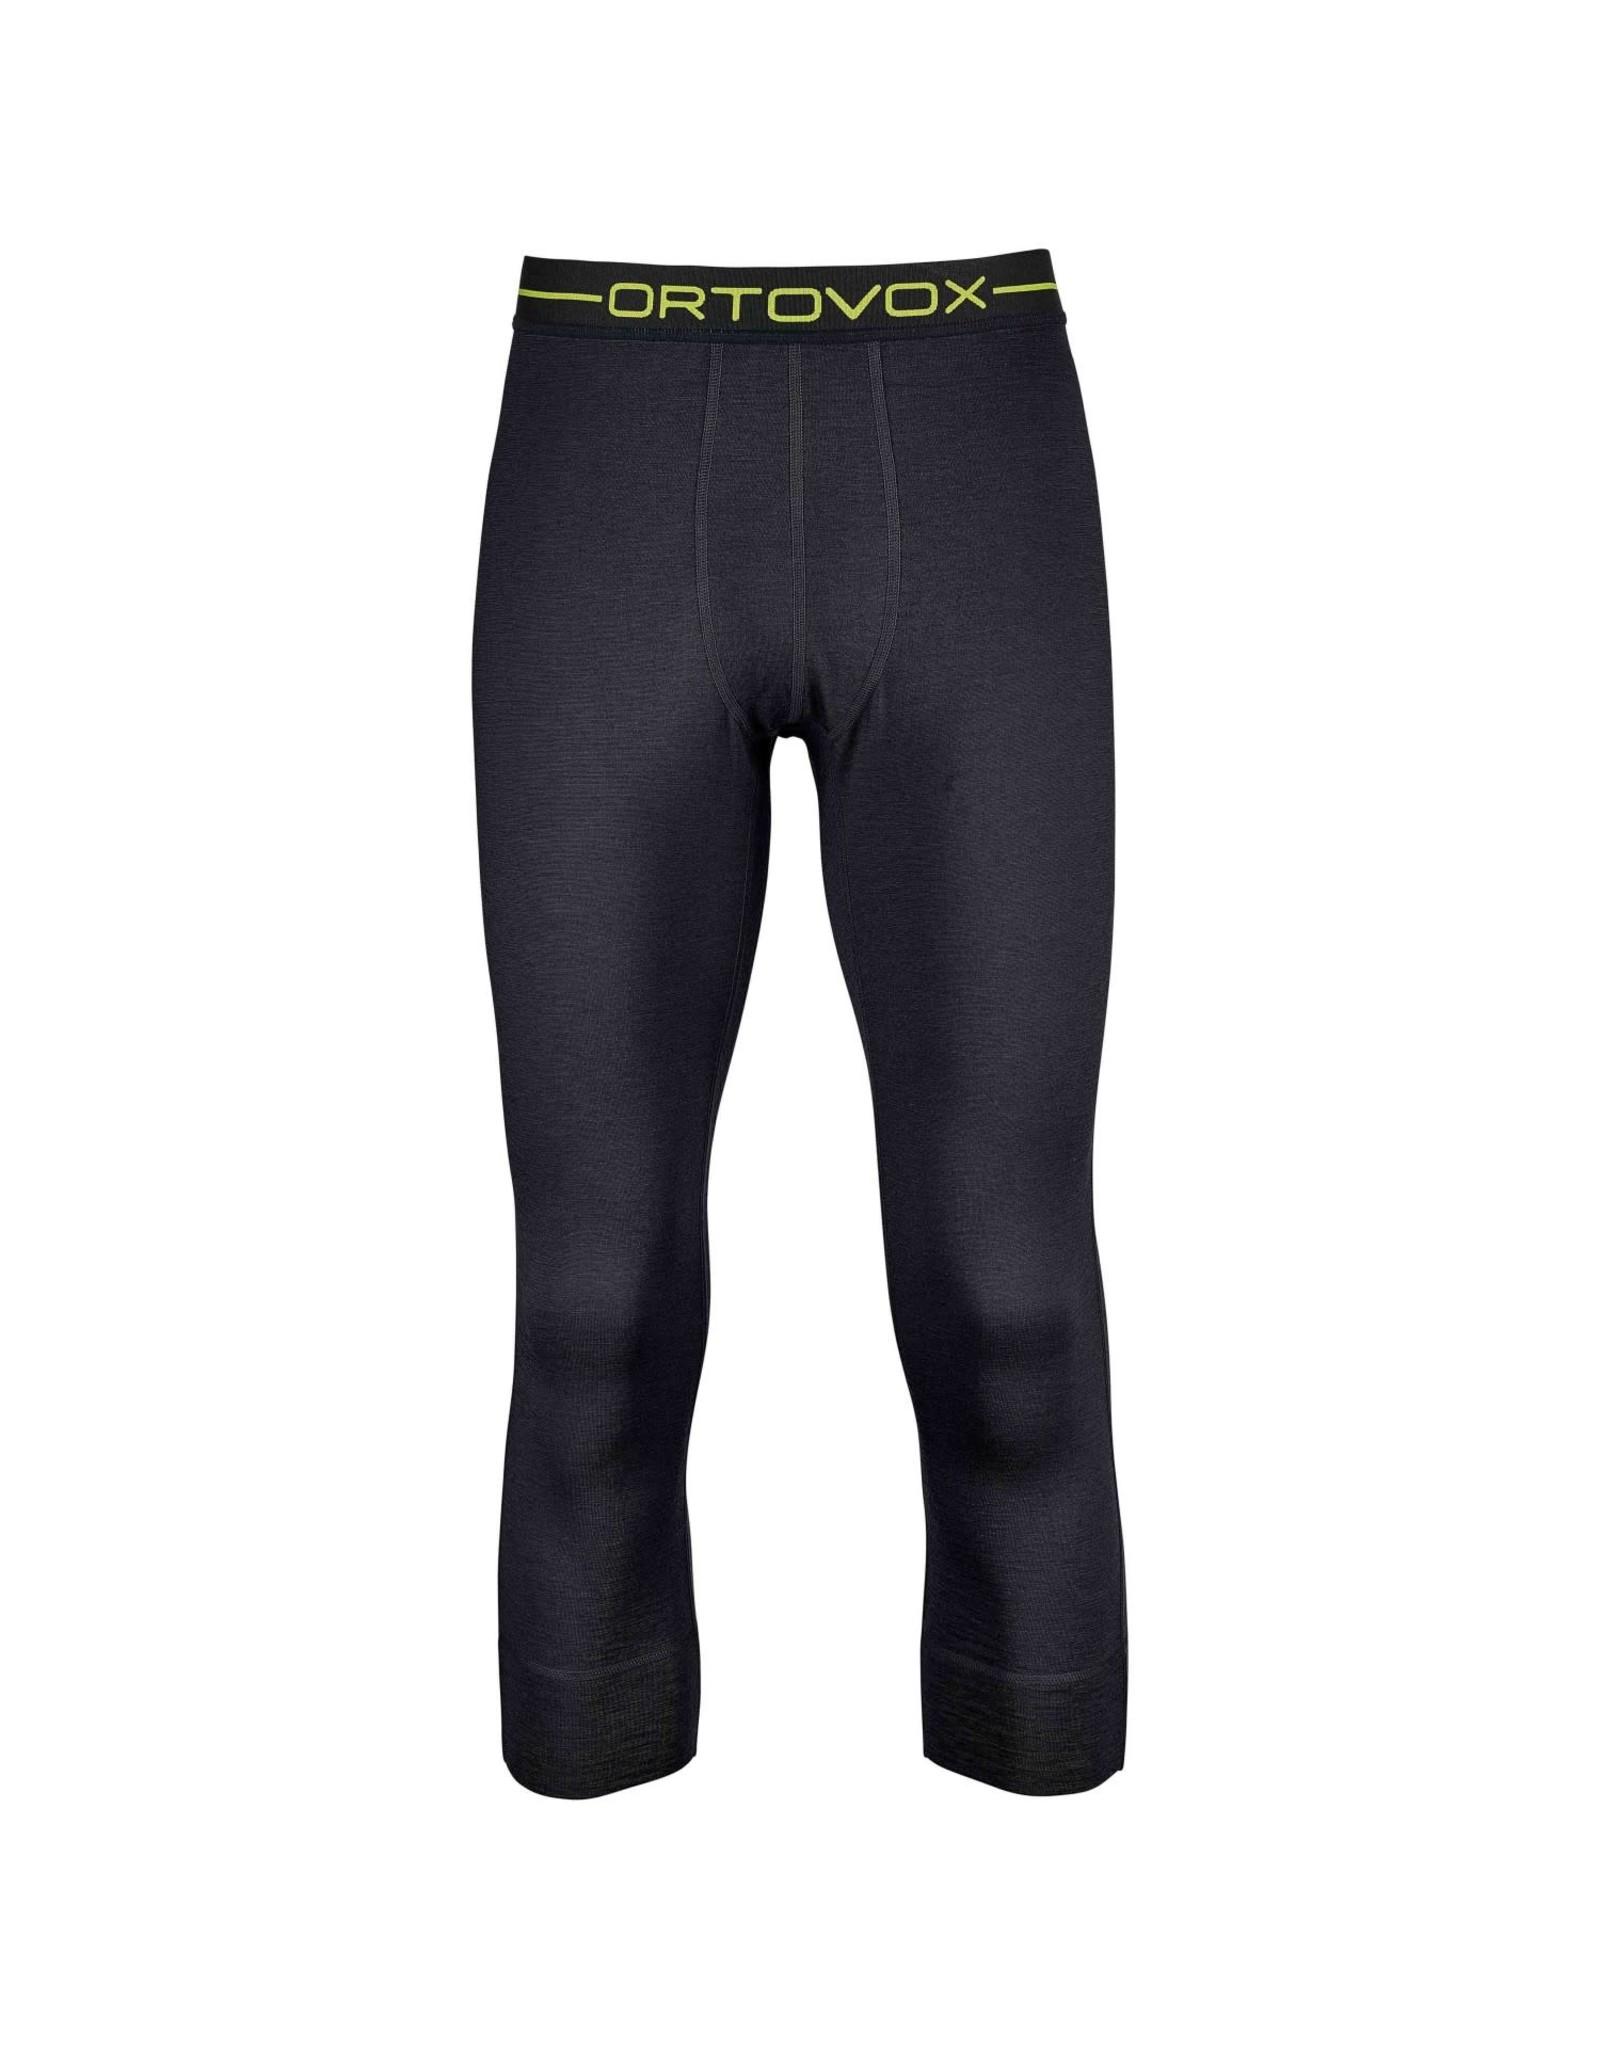 Ortovox Ortovox 145 Ultra Short Pants - Men